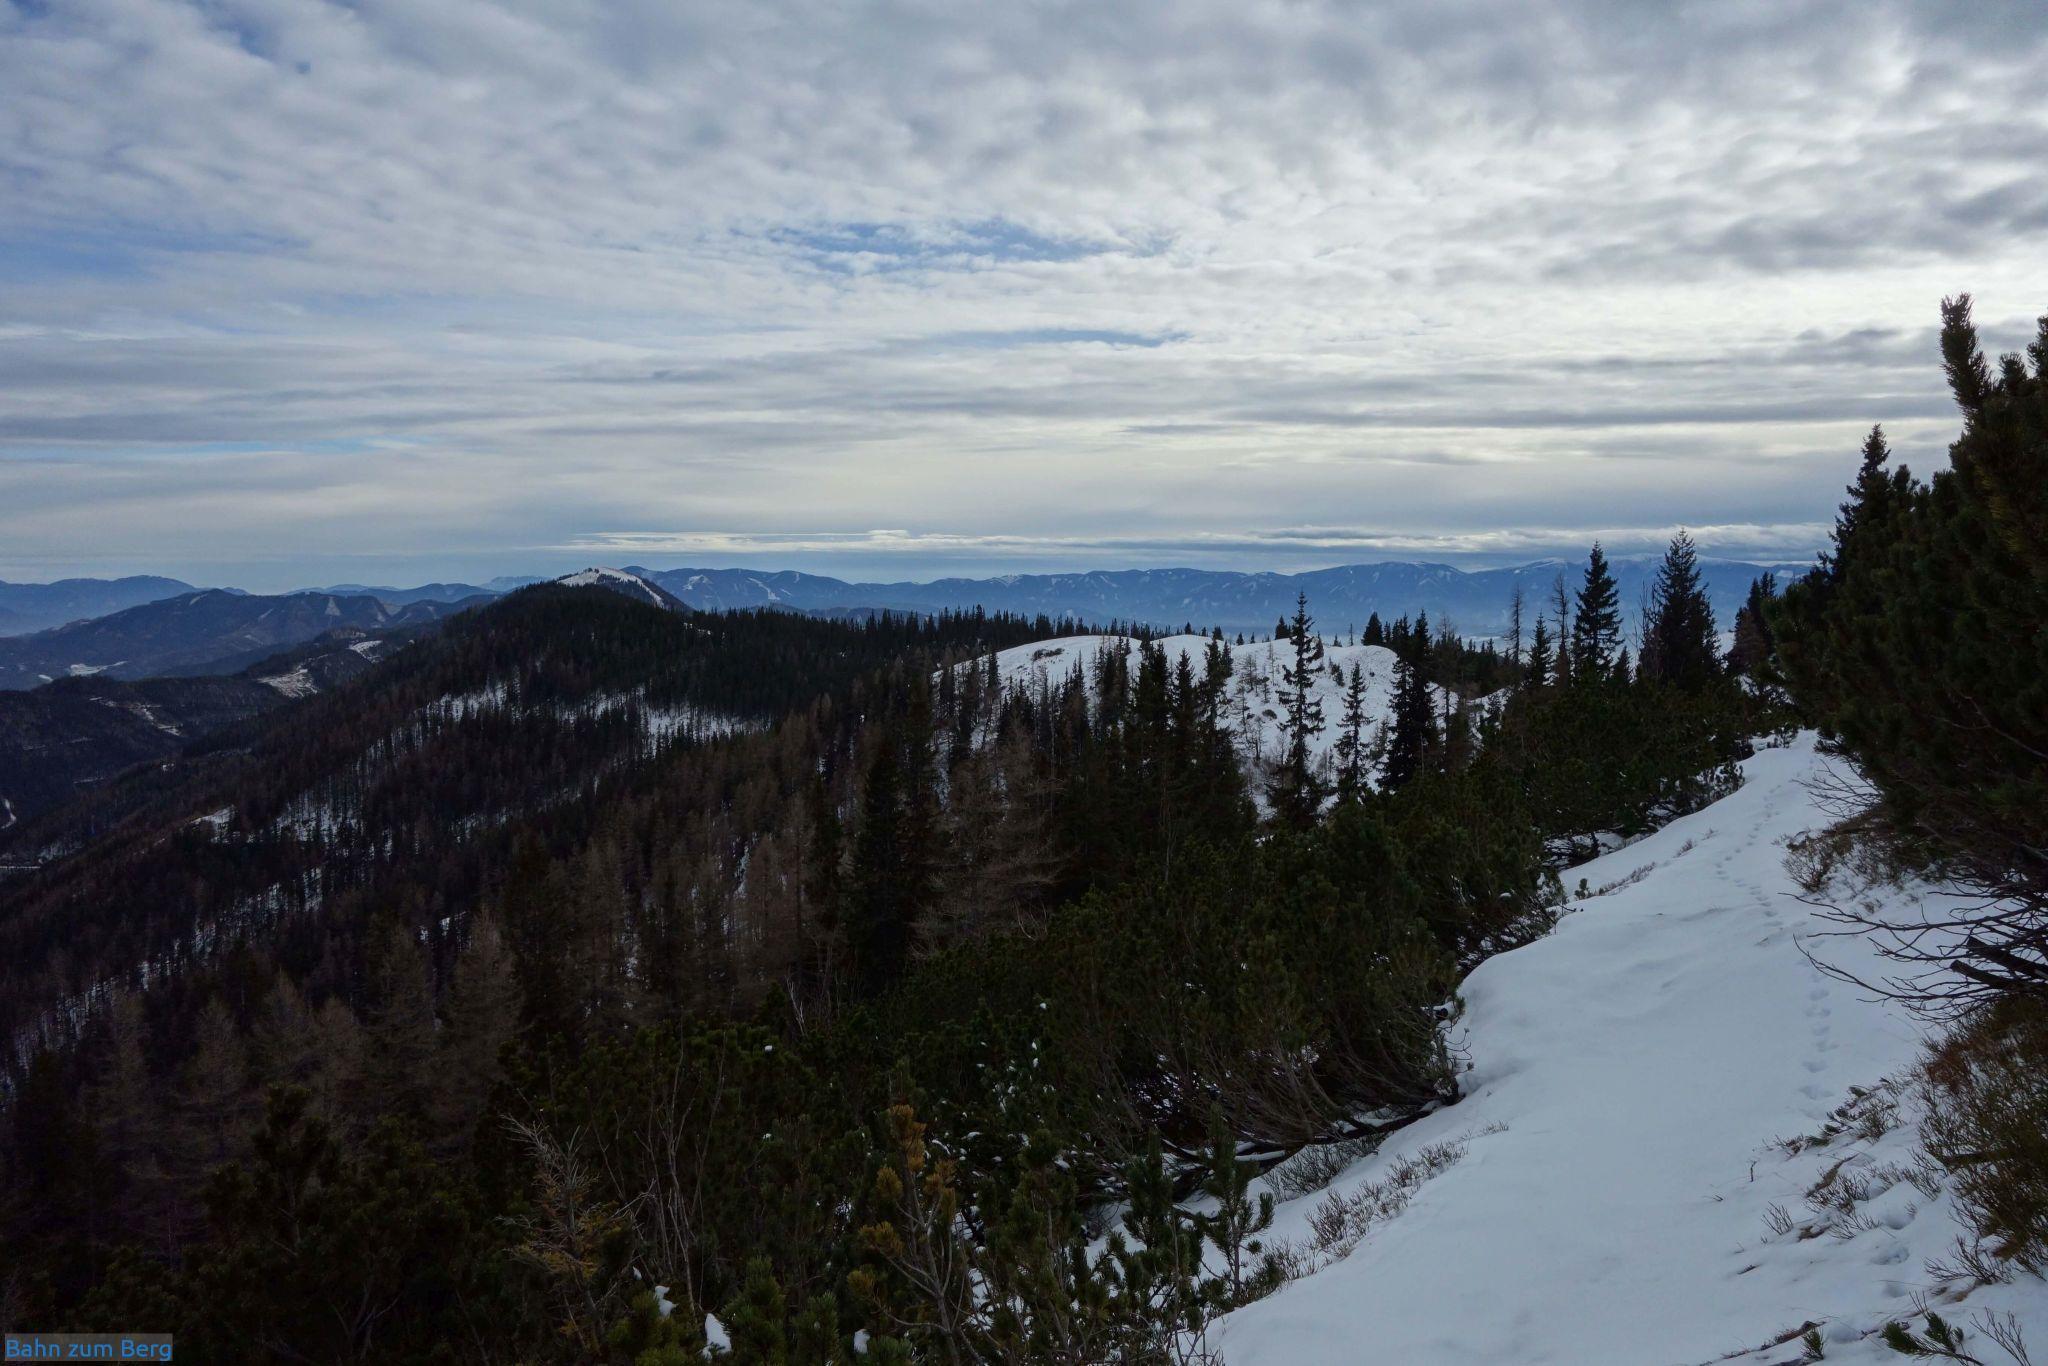 Rechts die schön ausgeschnittene Latschengasse. Der Weg folgt dem Kamm im weiten Bogen nach links. Die einzigen Spuren im Schnee sind von einem Fuchs, mindestens einem Hasen und einer Gemse.